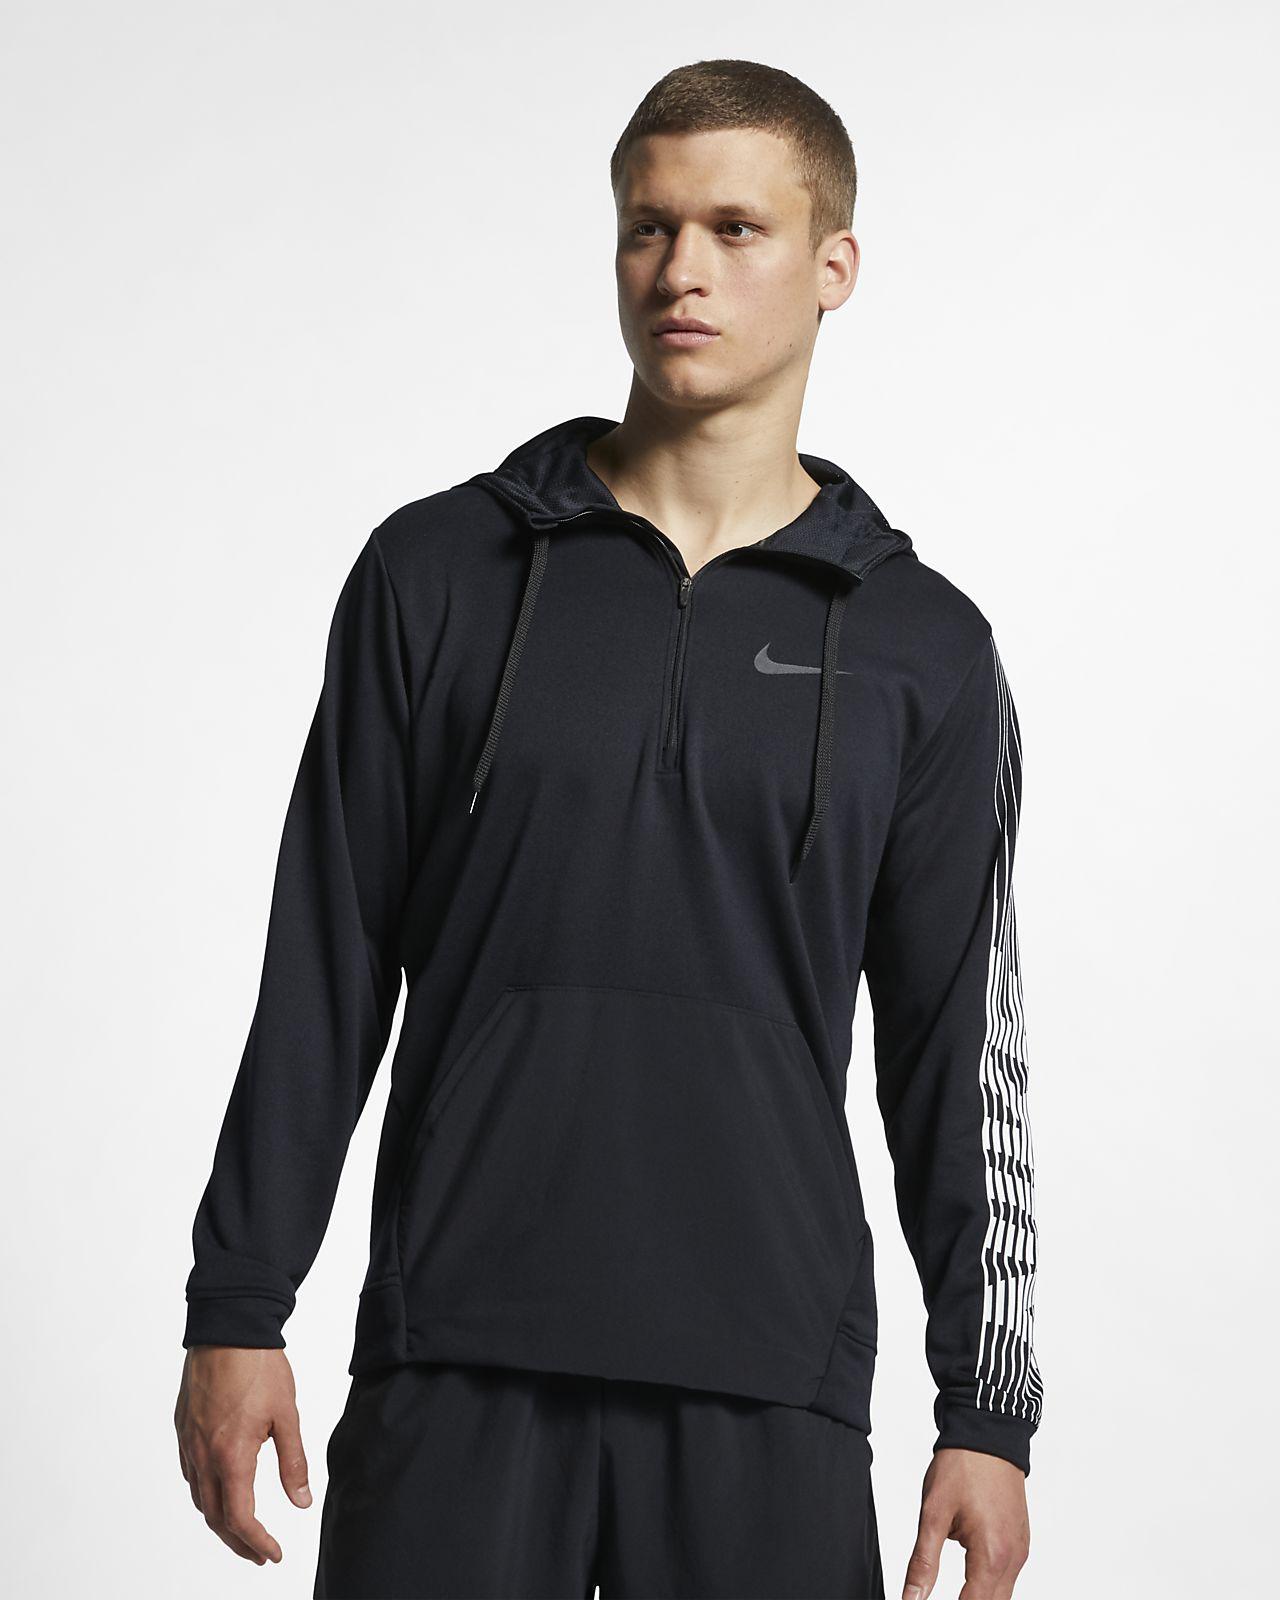 d894b7fb91635a Felpa da training in fleece con cappuccio Nike Dri-FIT - Uomo. Nike ...